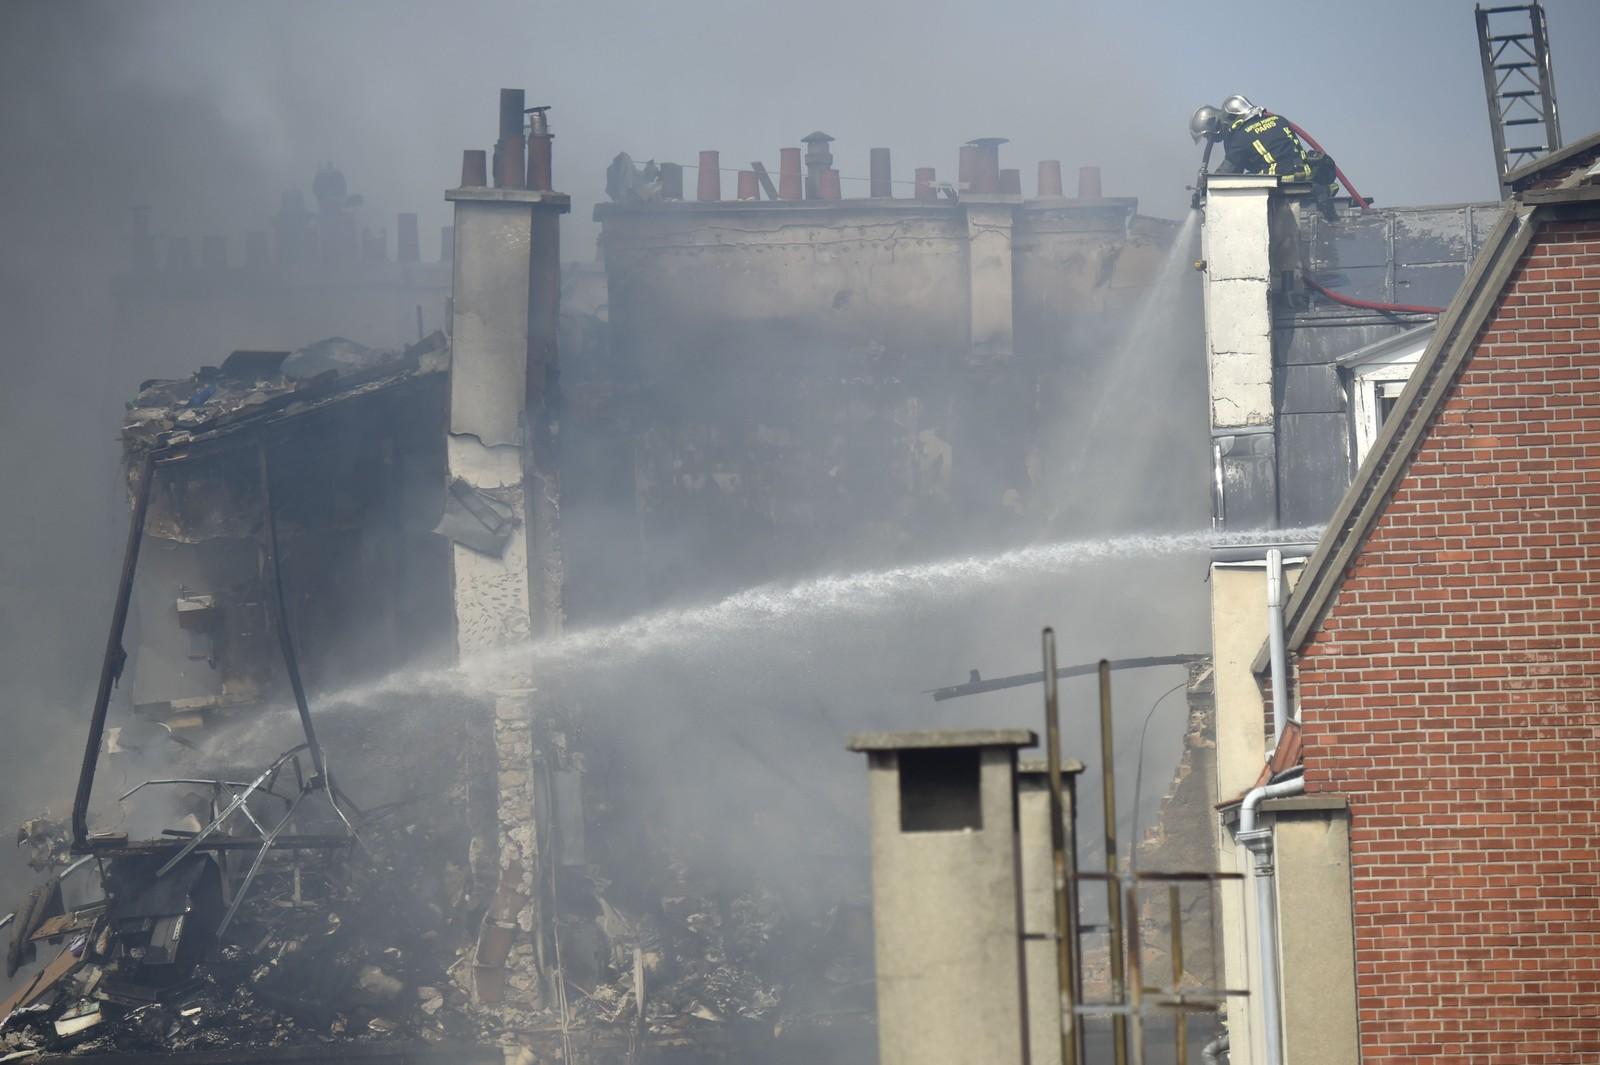 Brannvesenet forsøker å slukke brannen etter gasseksplosjonen.